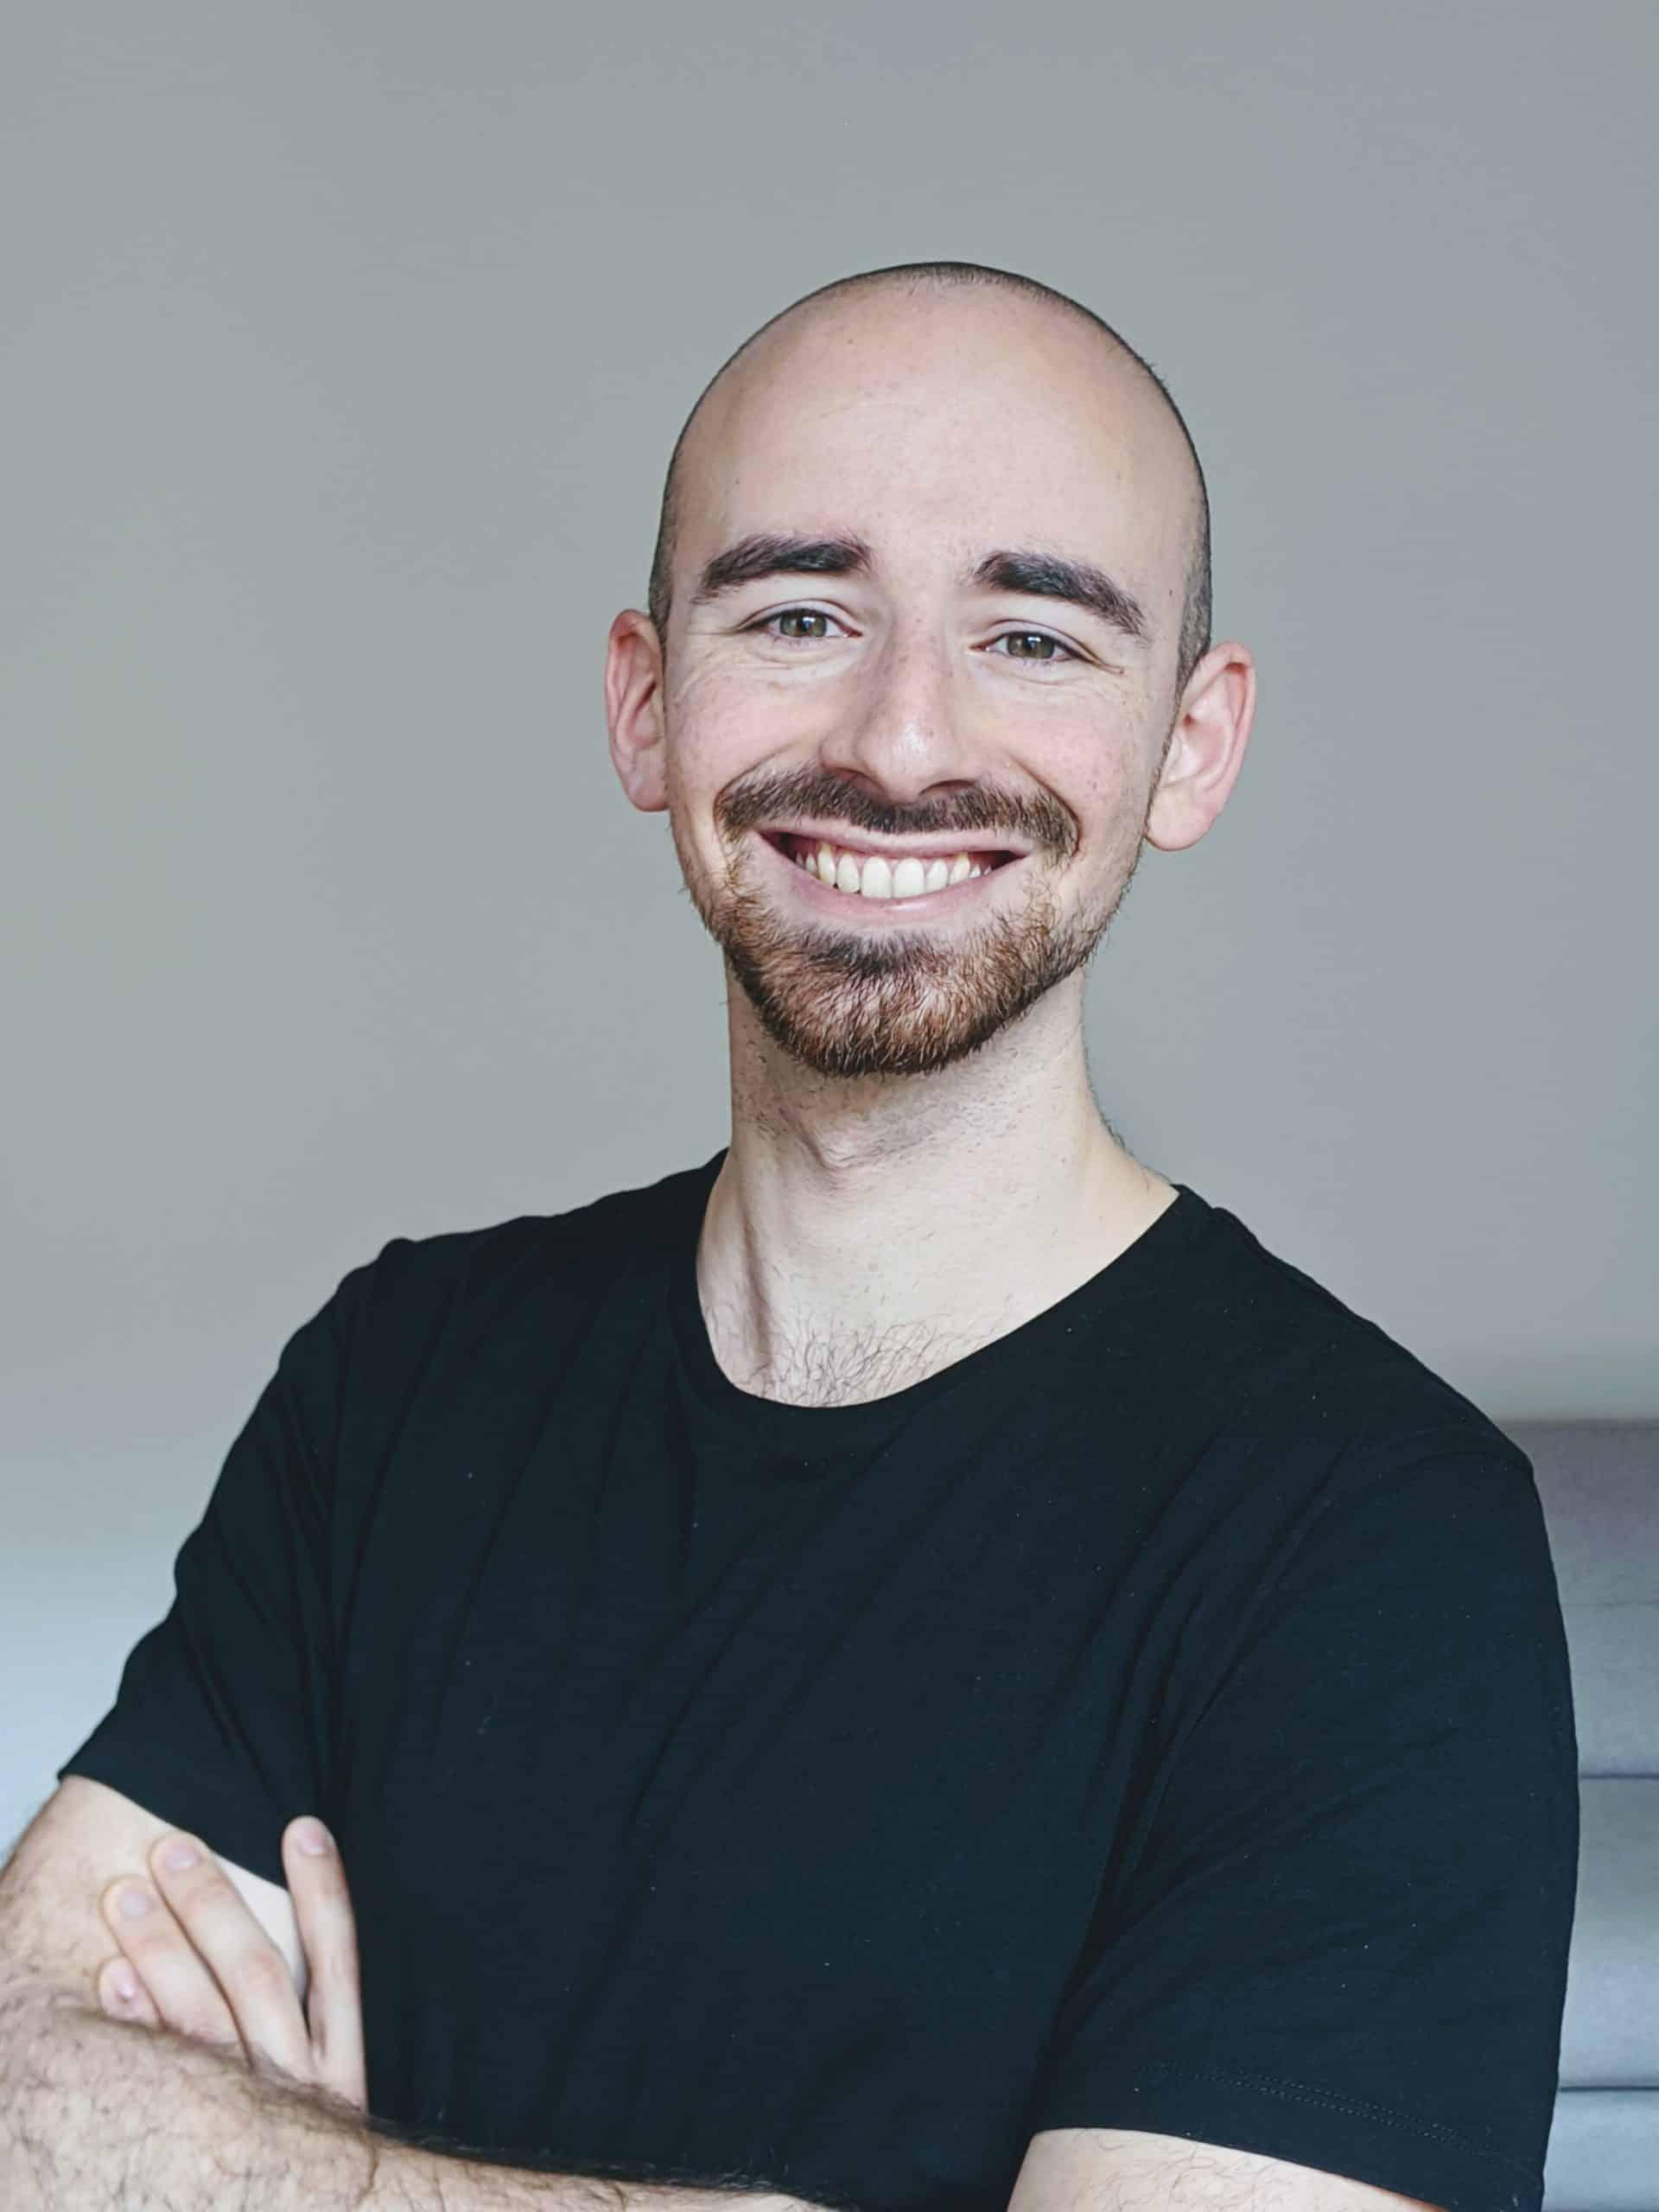 Dimitri Choufatinski - Founder und Chief Editor bei whathappened.io